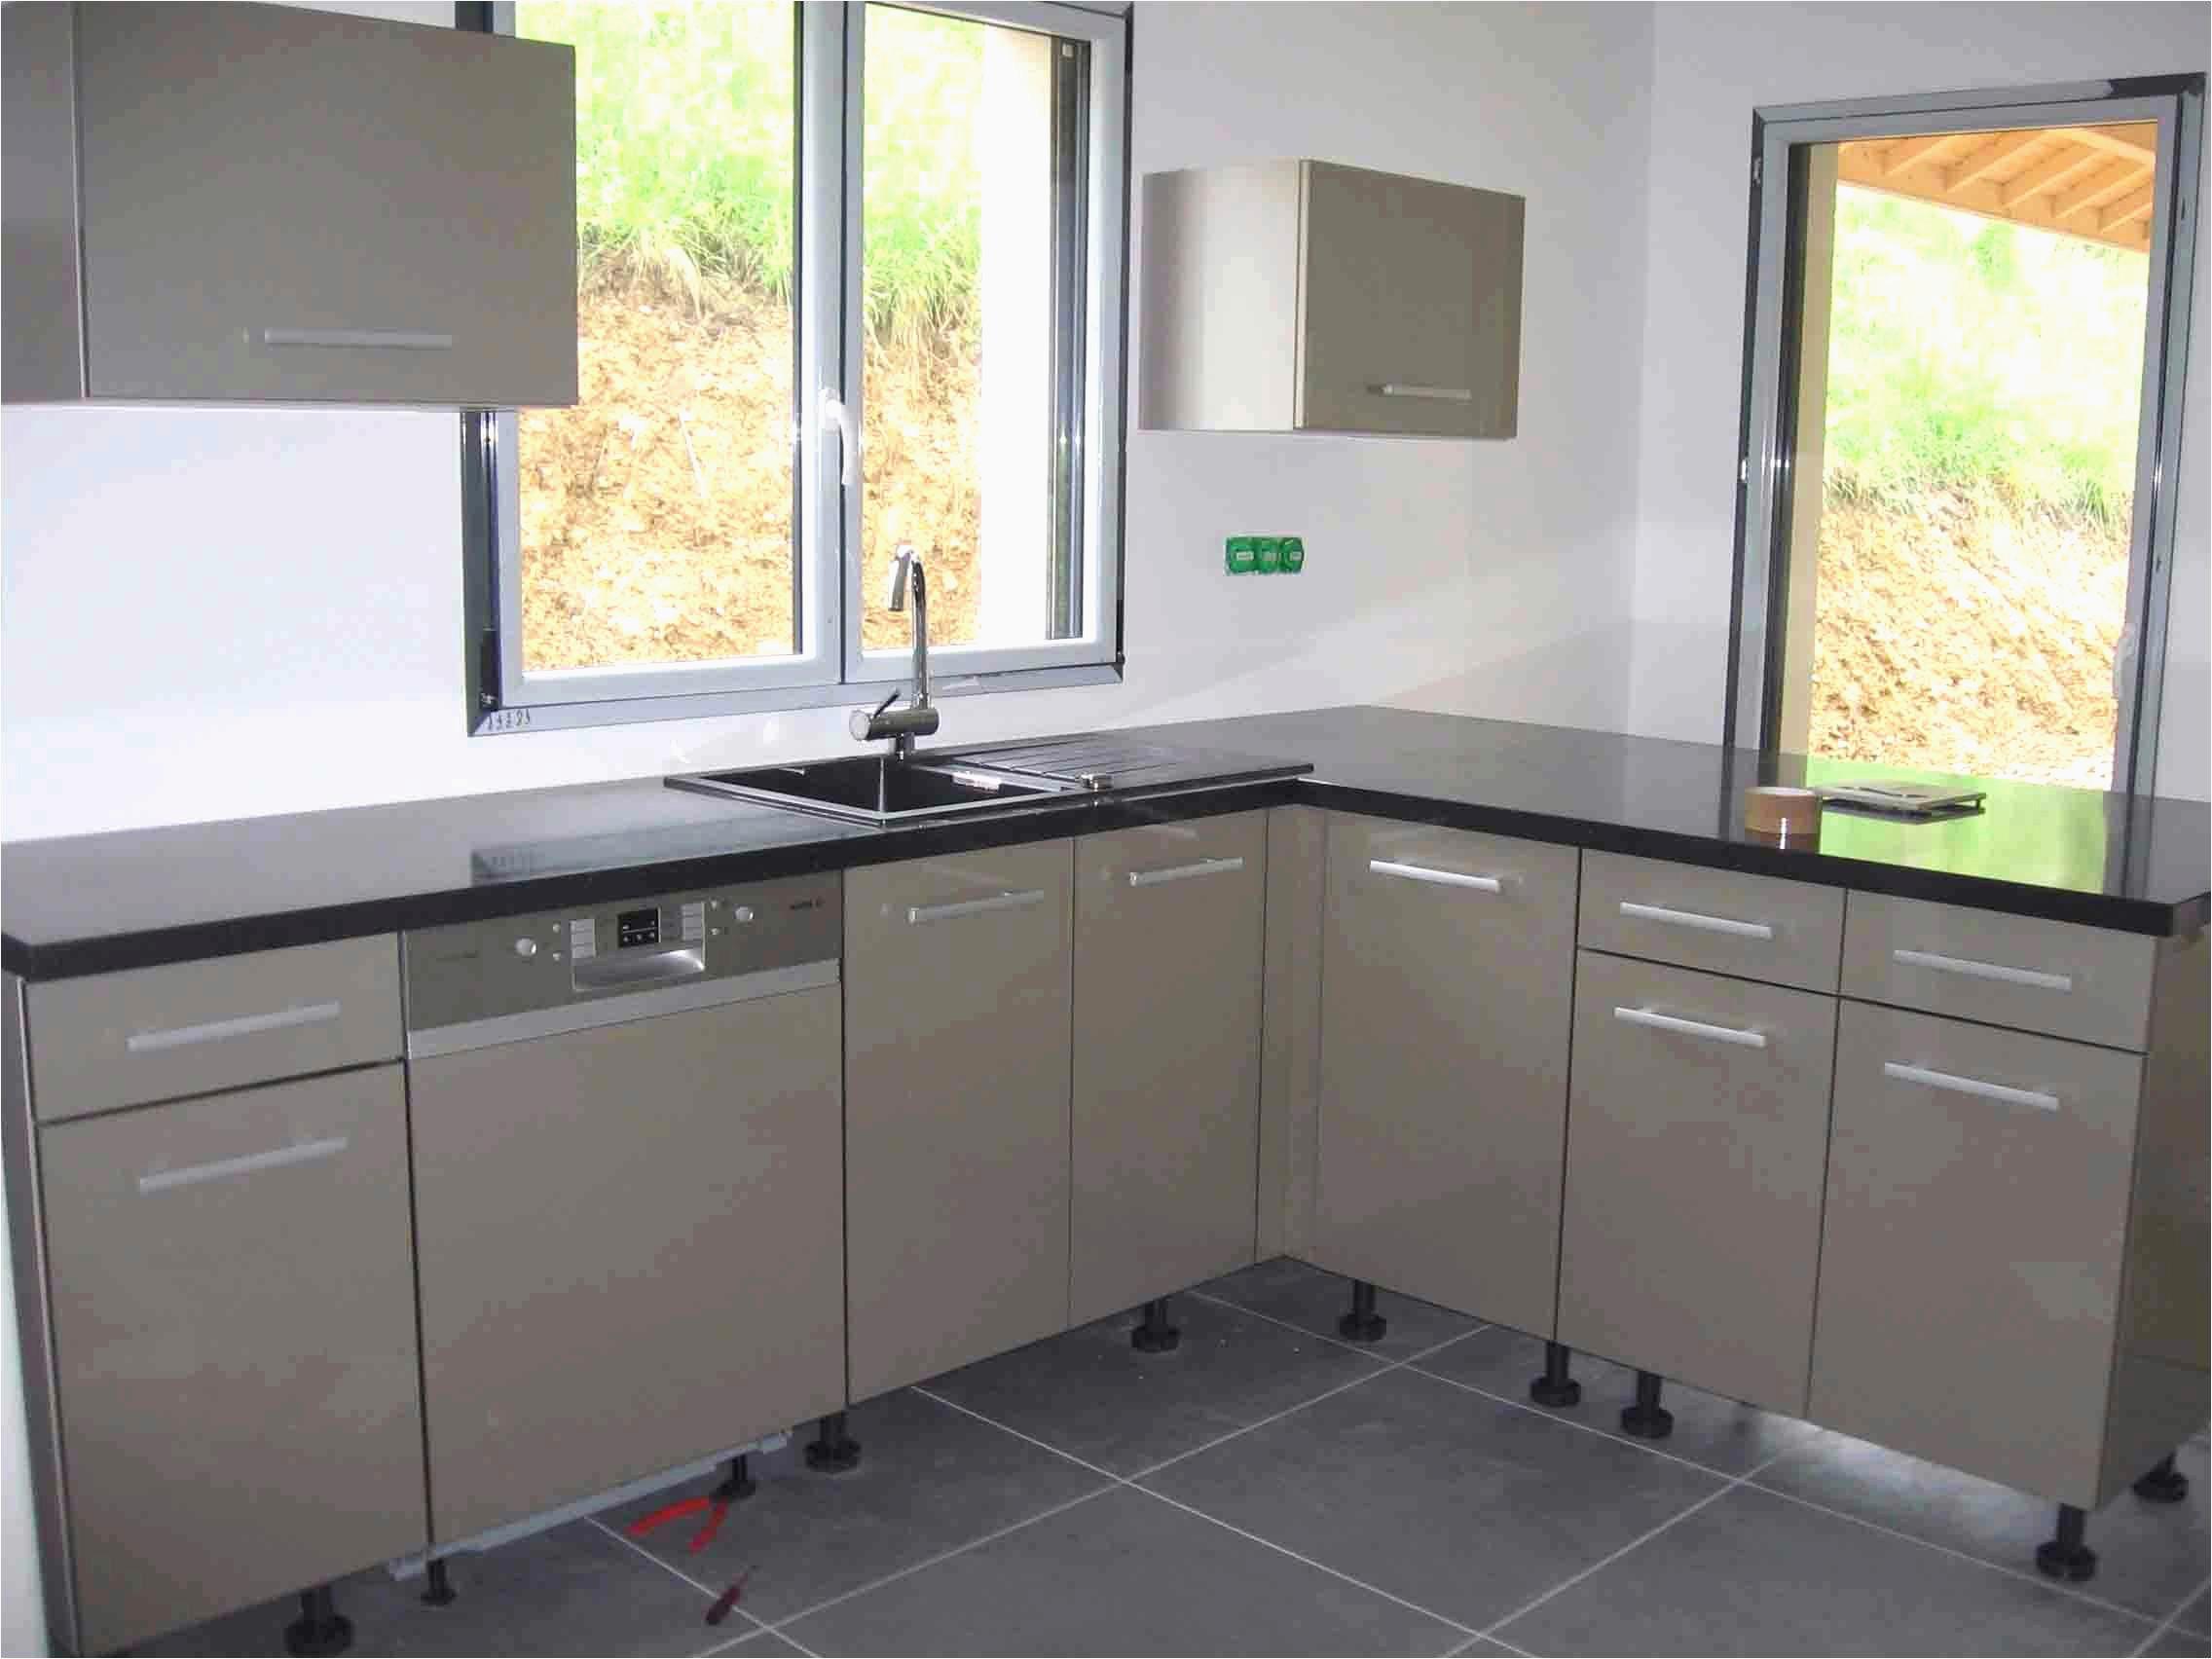 brico depot peinture meuble cuisine frais 47 conception meuble d angle cuisine brico depot stock de brico depot peinture meuble cuisine